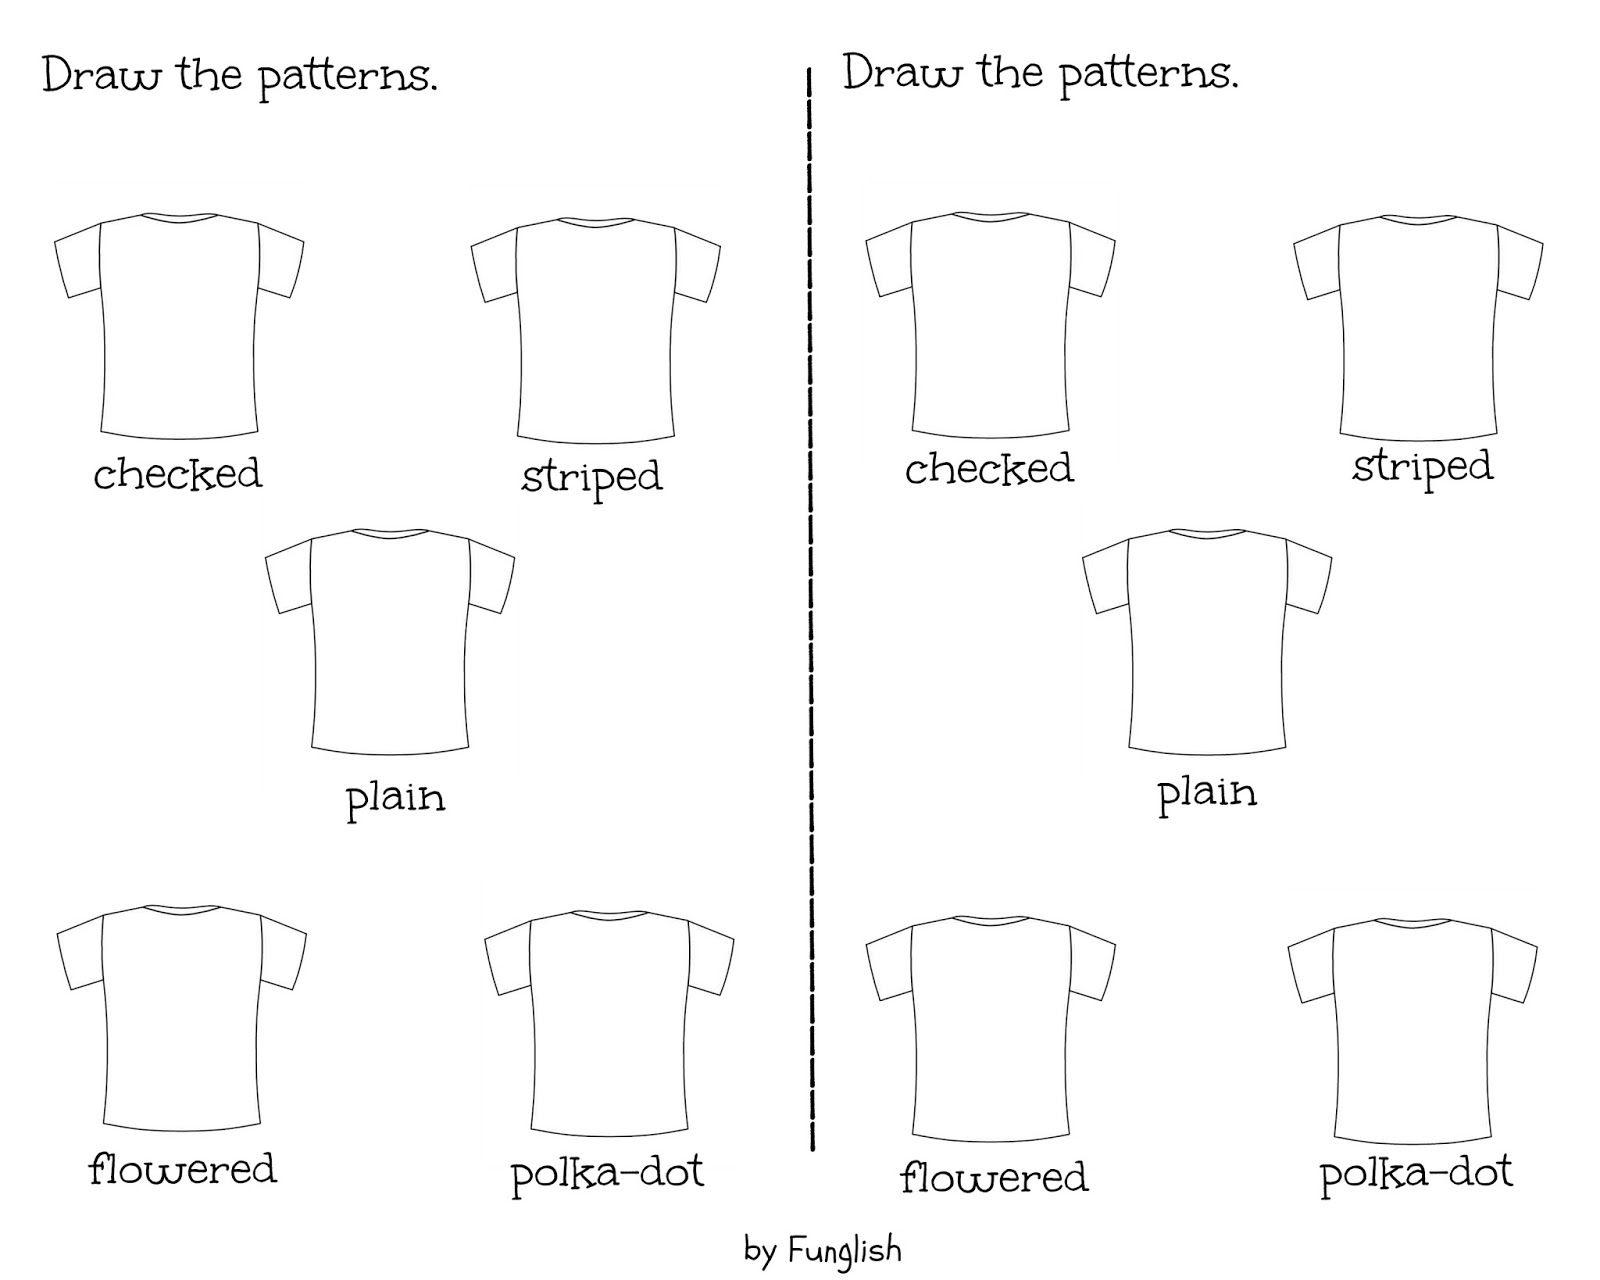 ://waytomasterenglish.blogspot.com/ clothes patterns adjectives